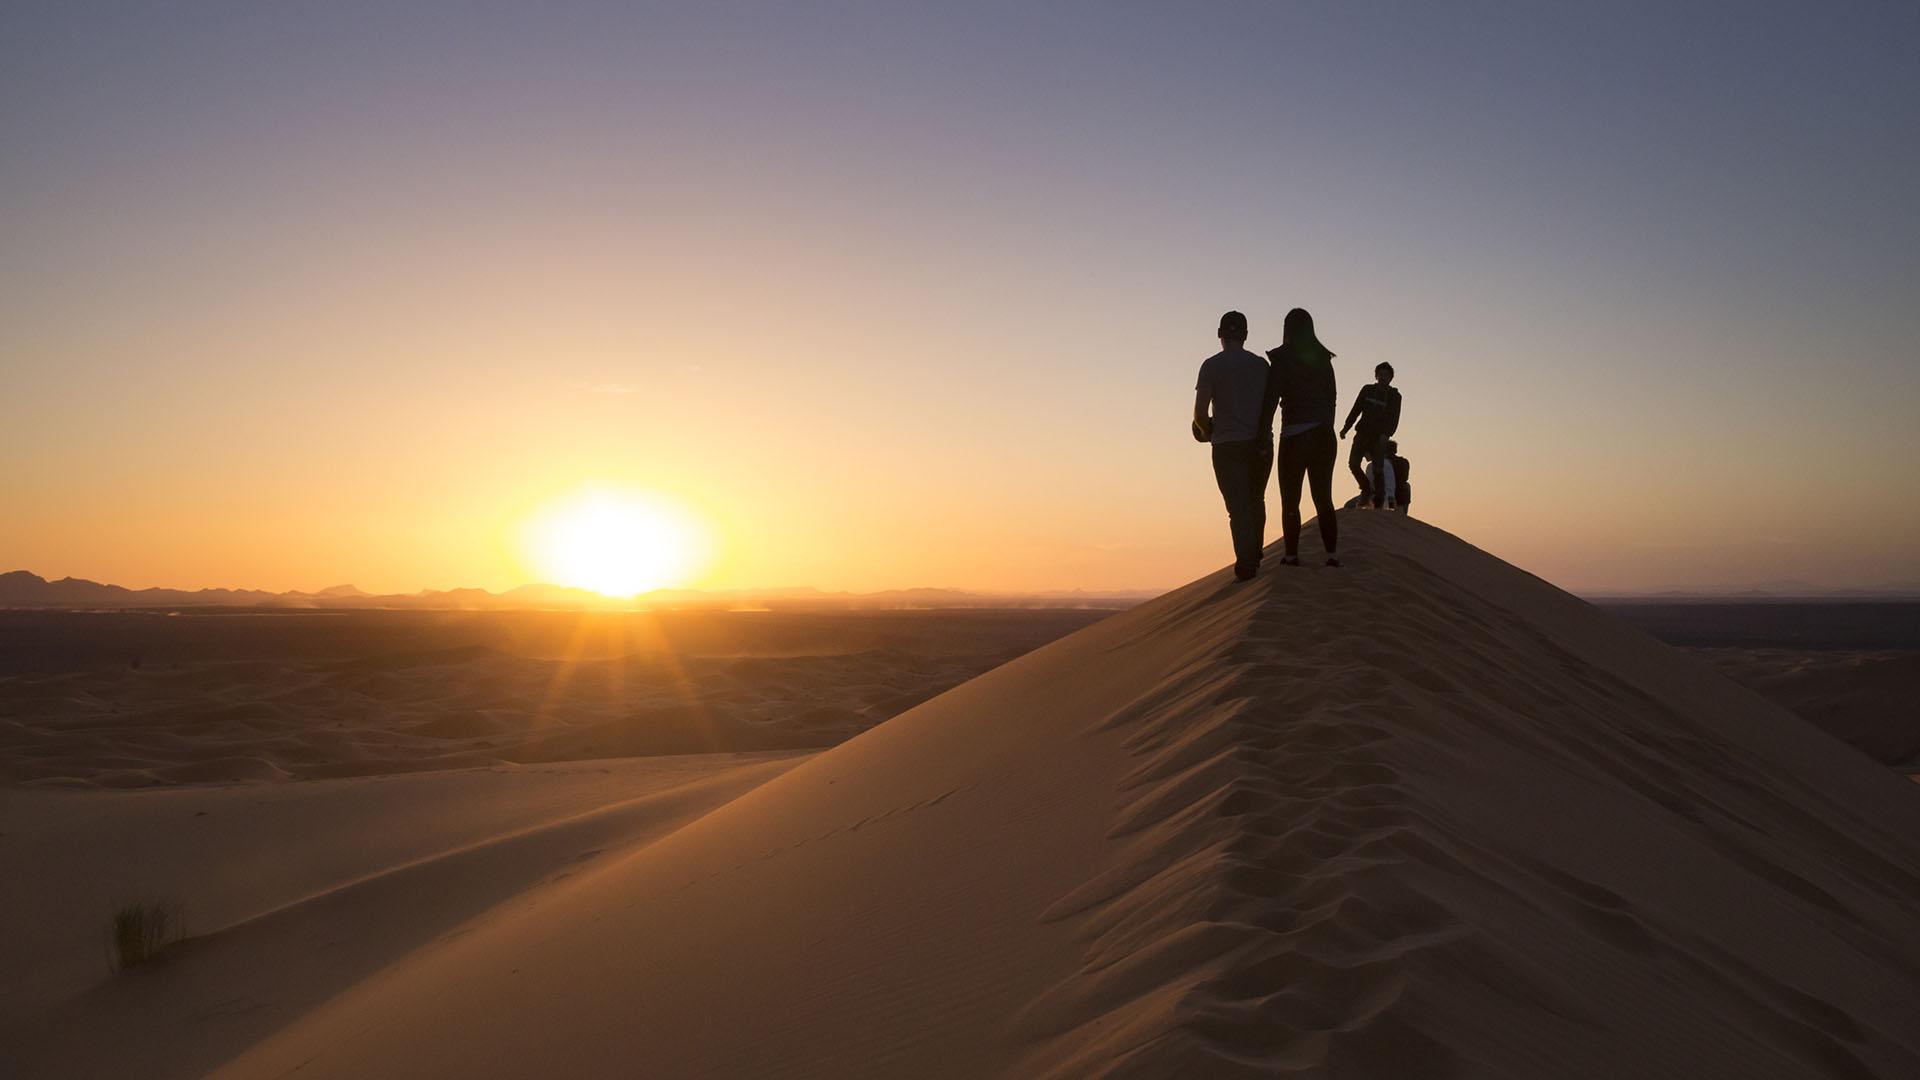 Riad Dar Hassan desert sunset